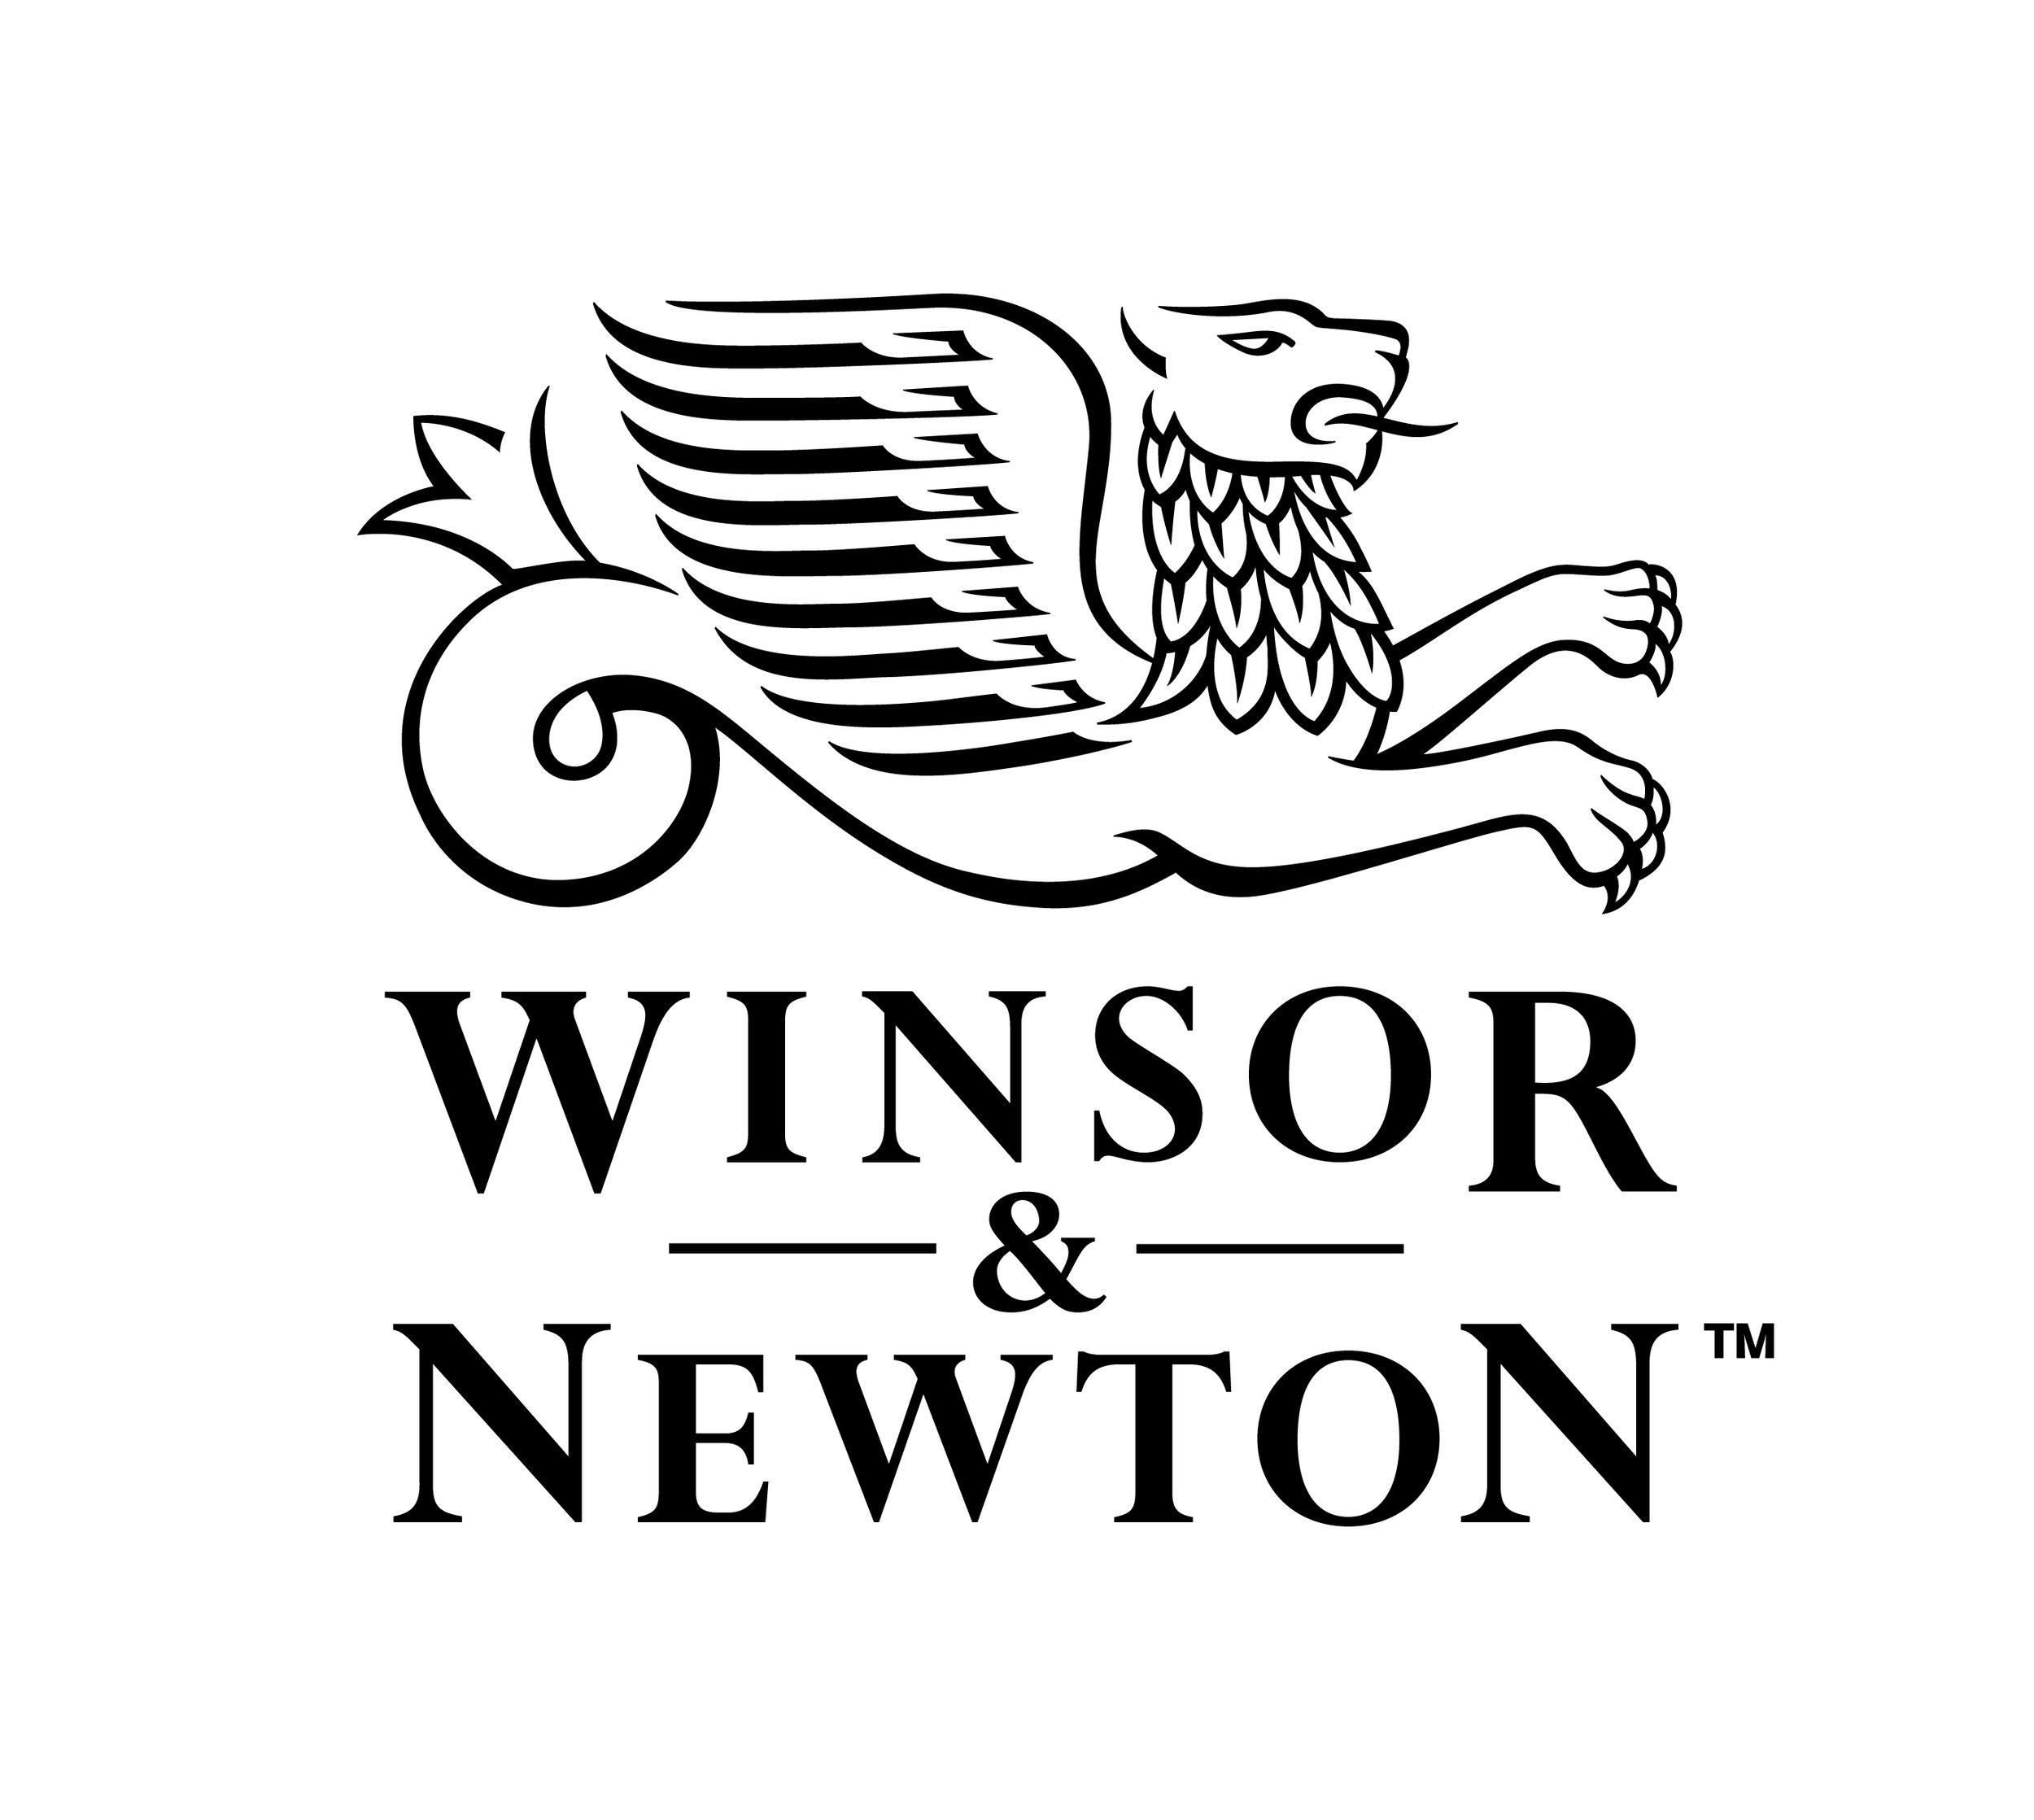 Winsor & Newton logo.jpg